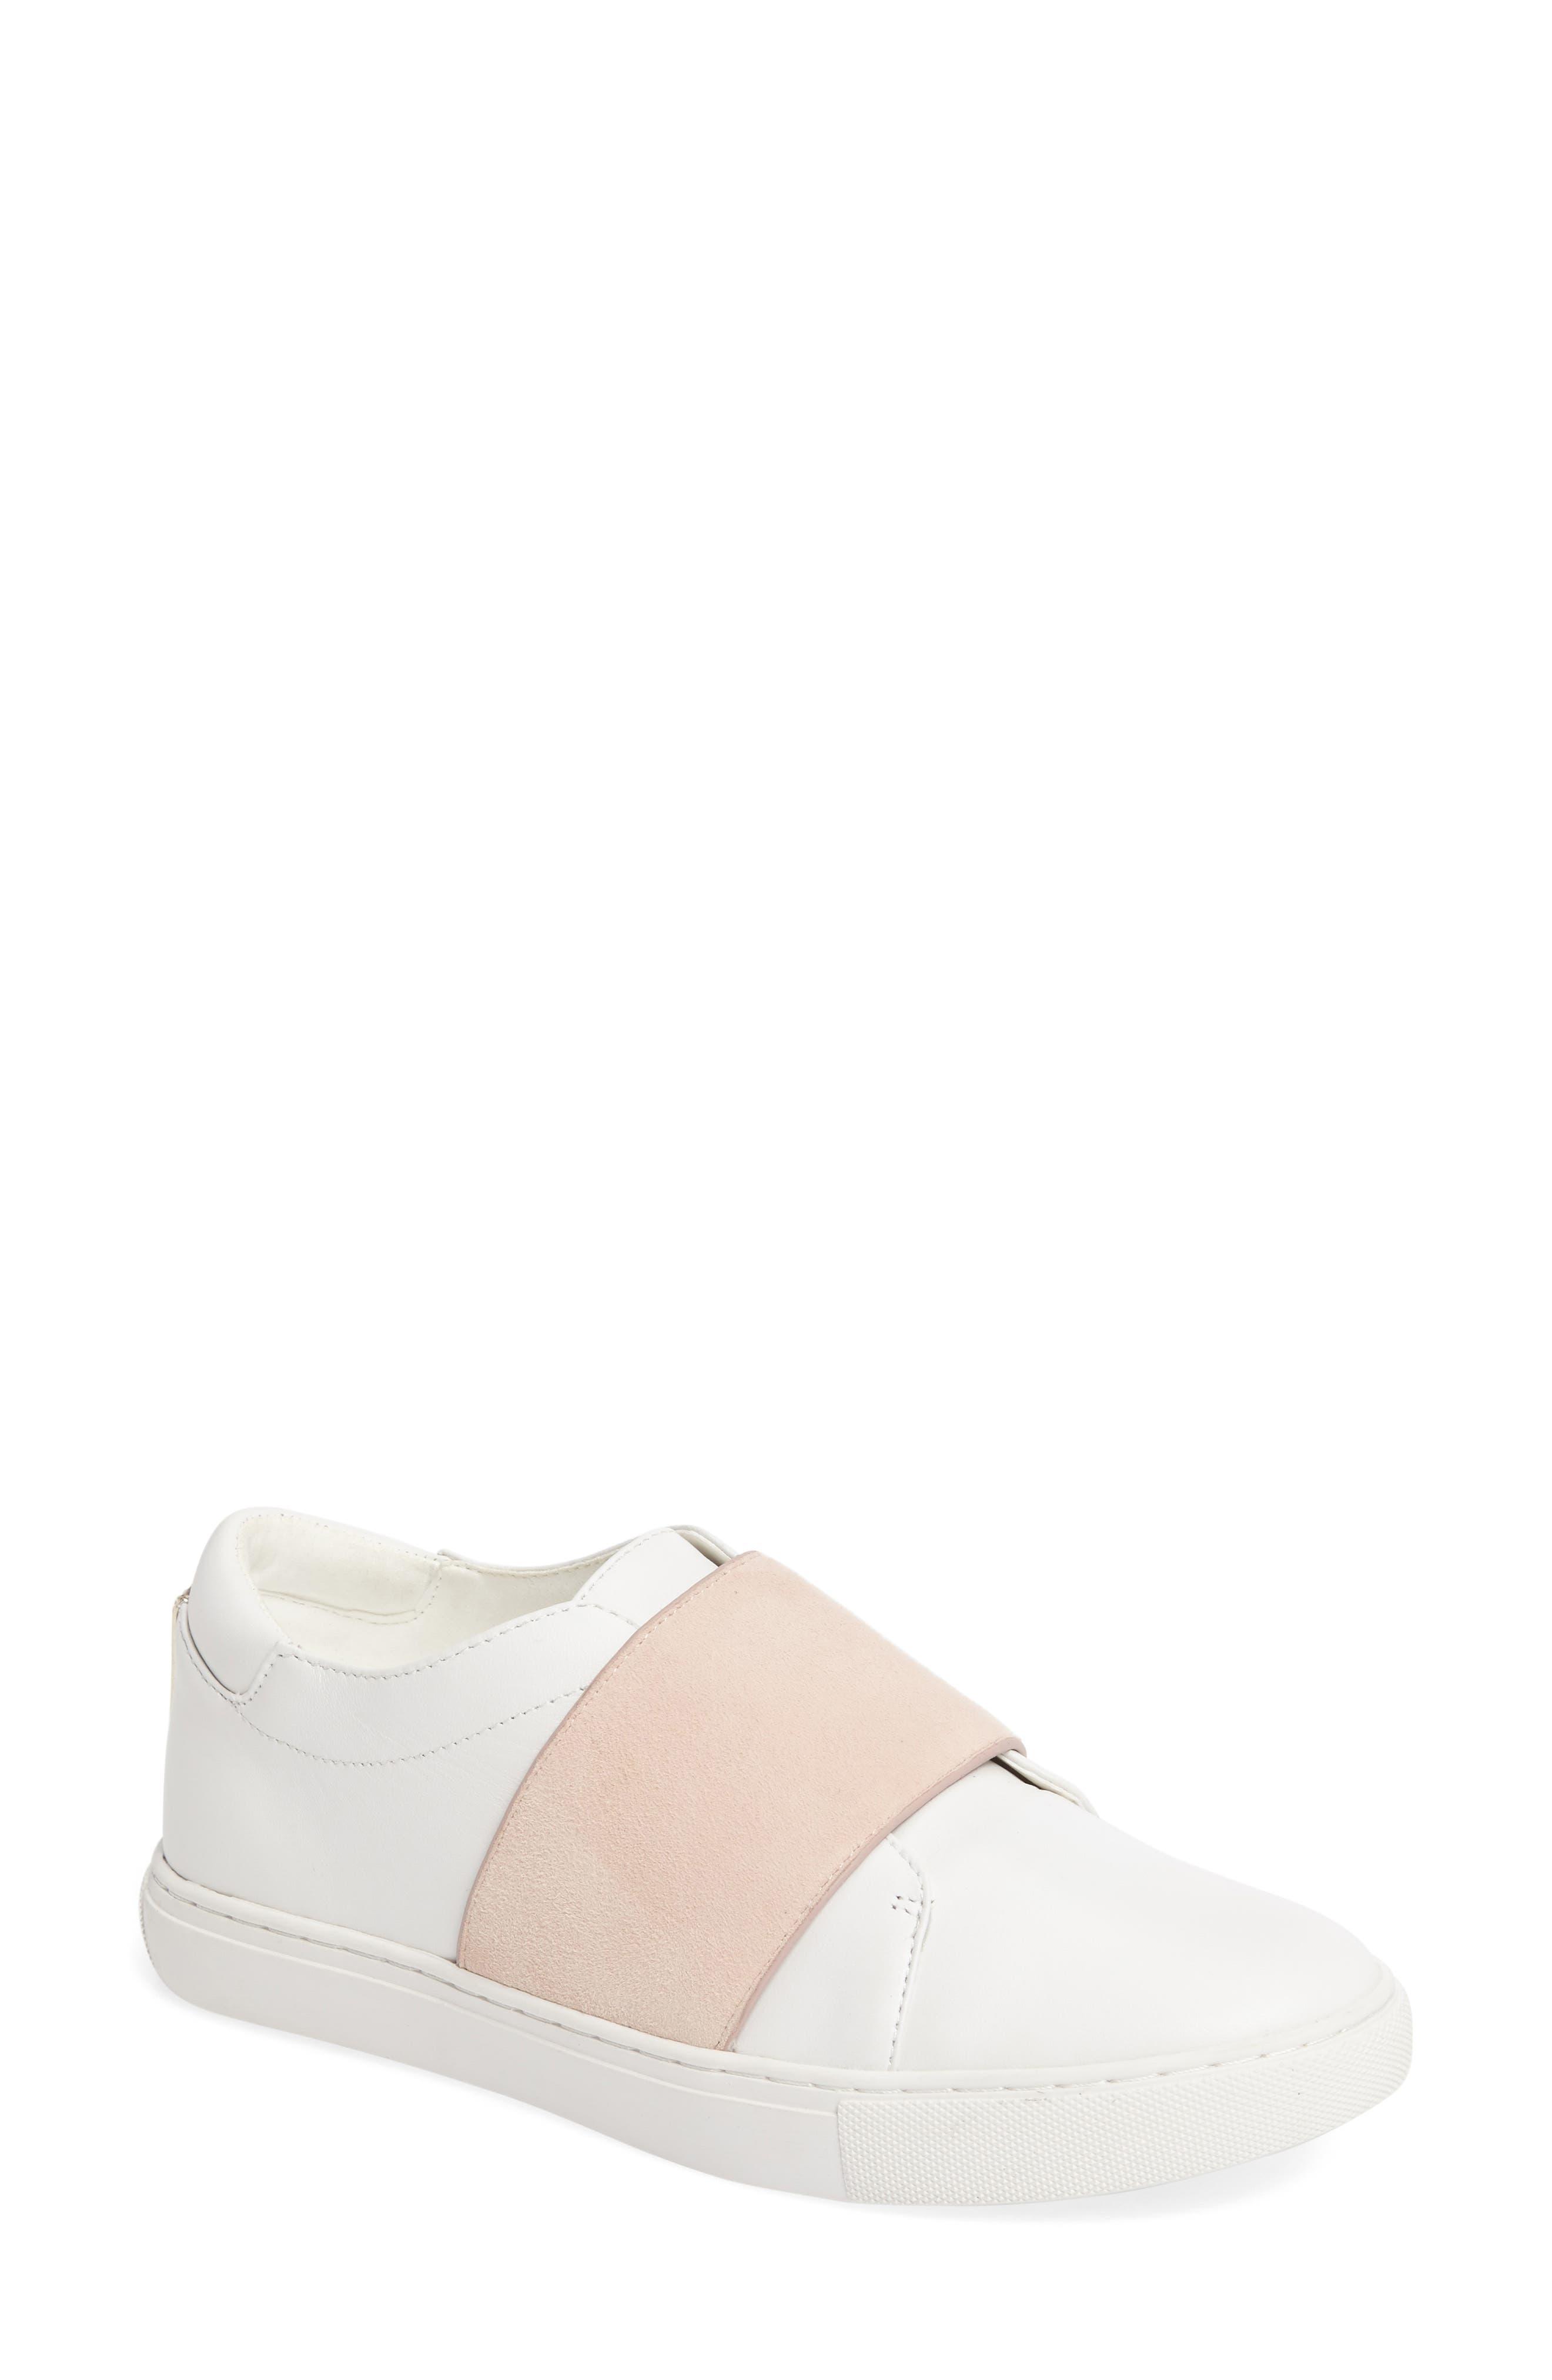 Konner Slip-On Sneaker,                         Main,                         color, 115